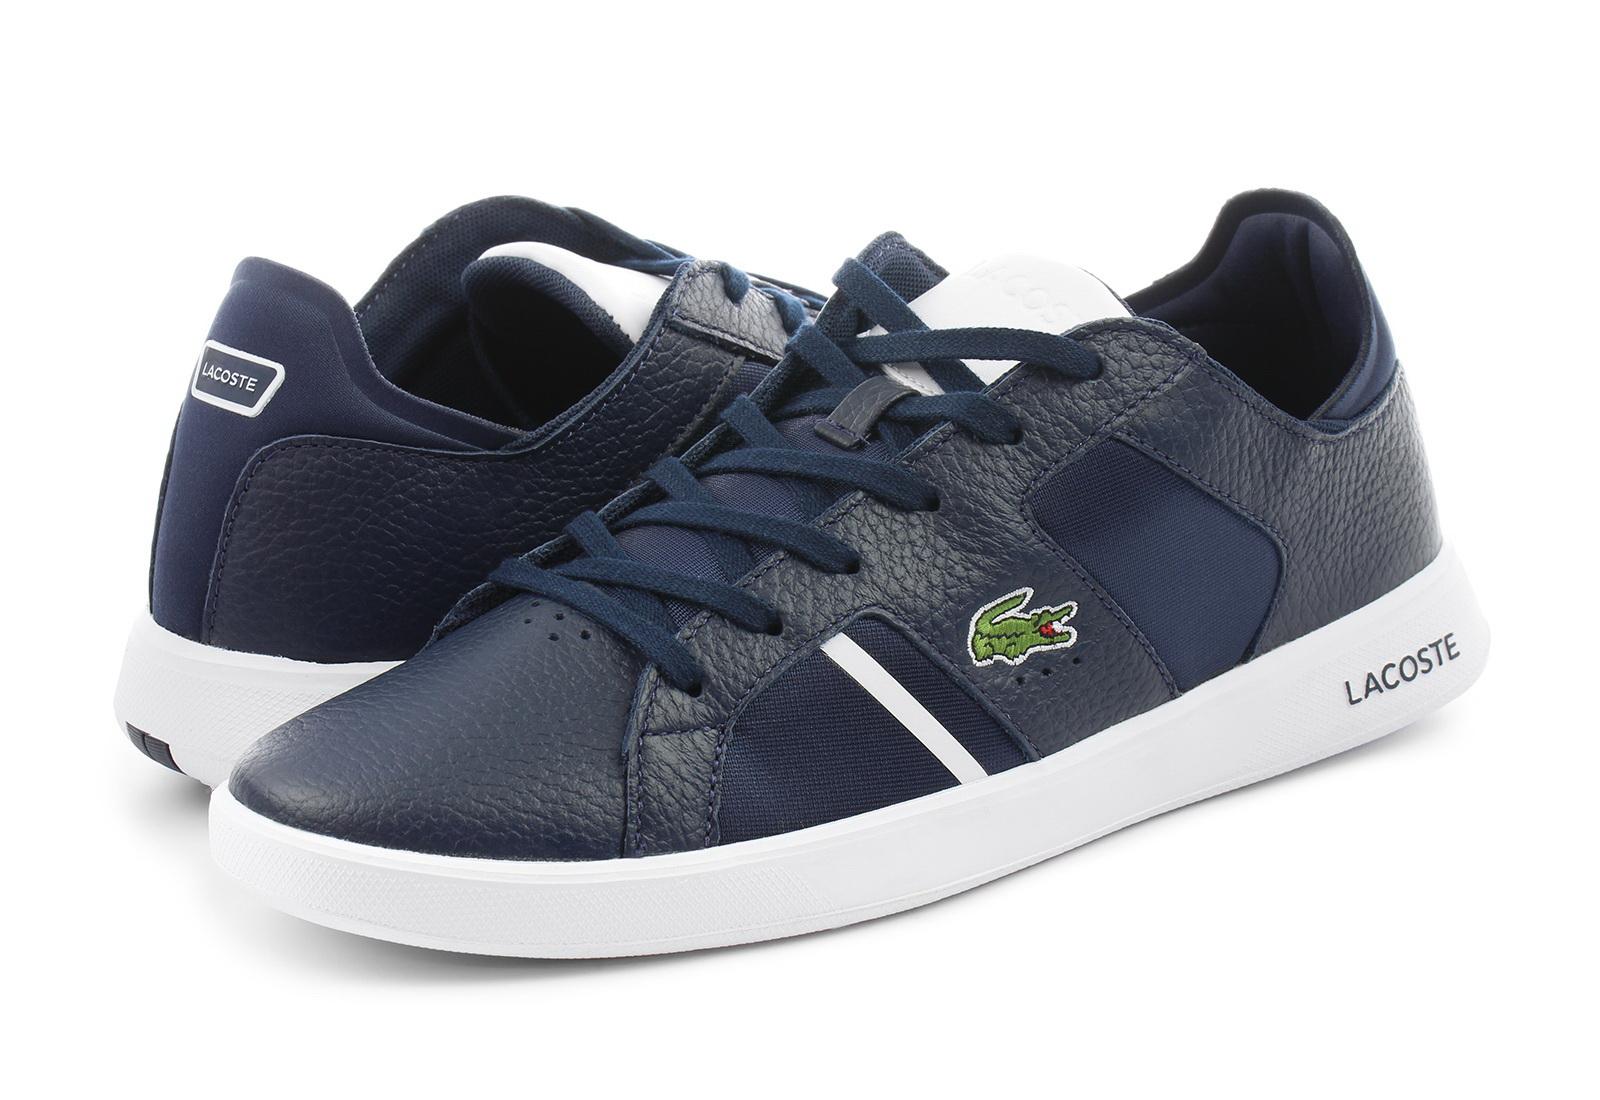 Lacoste Pantofi Novas 120